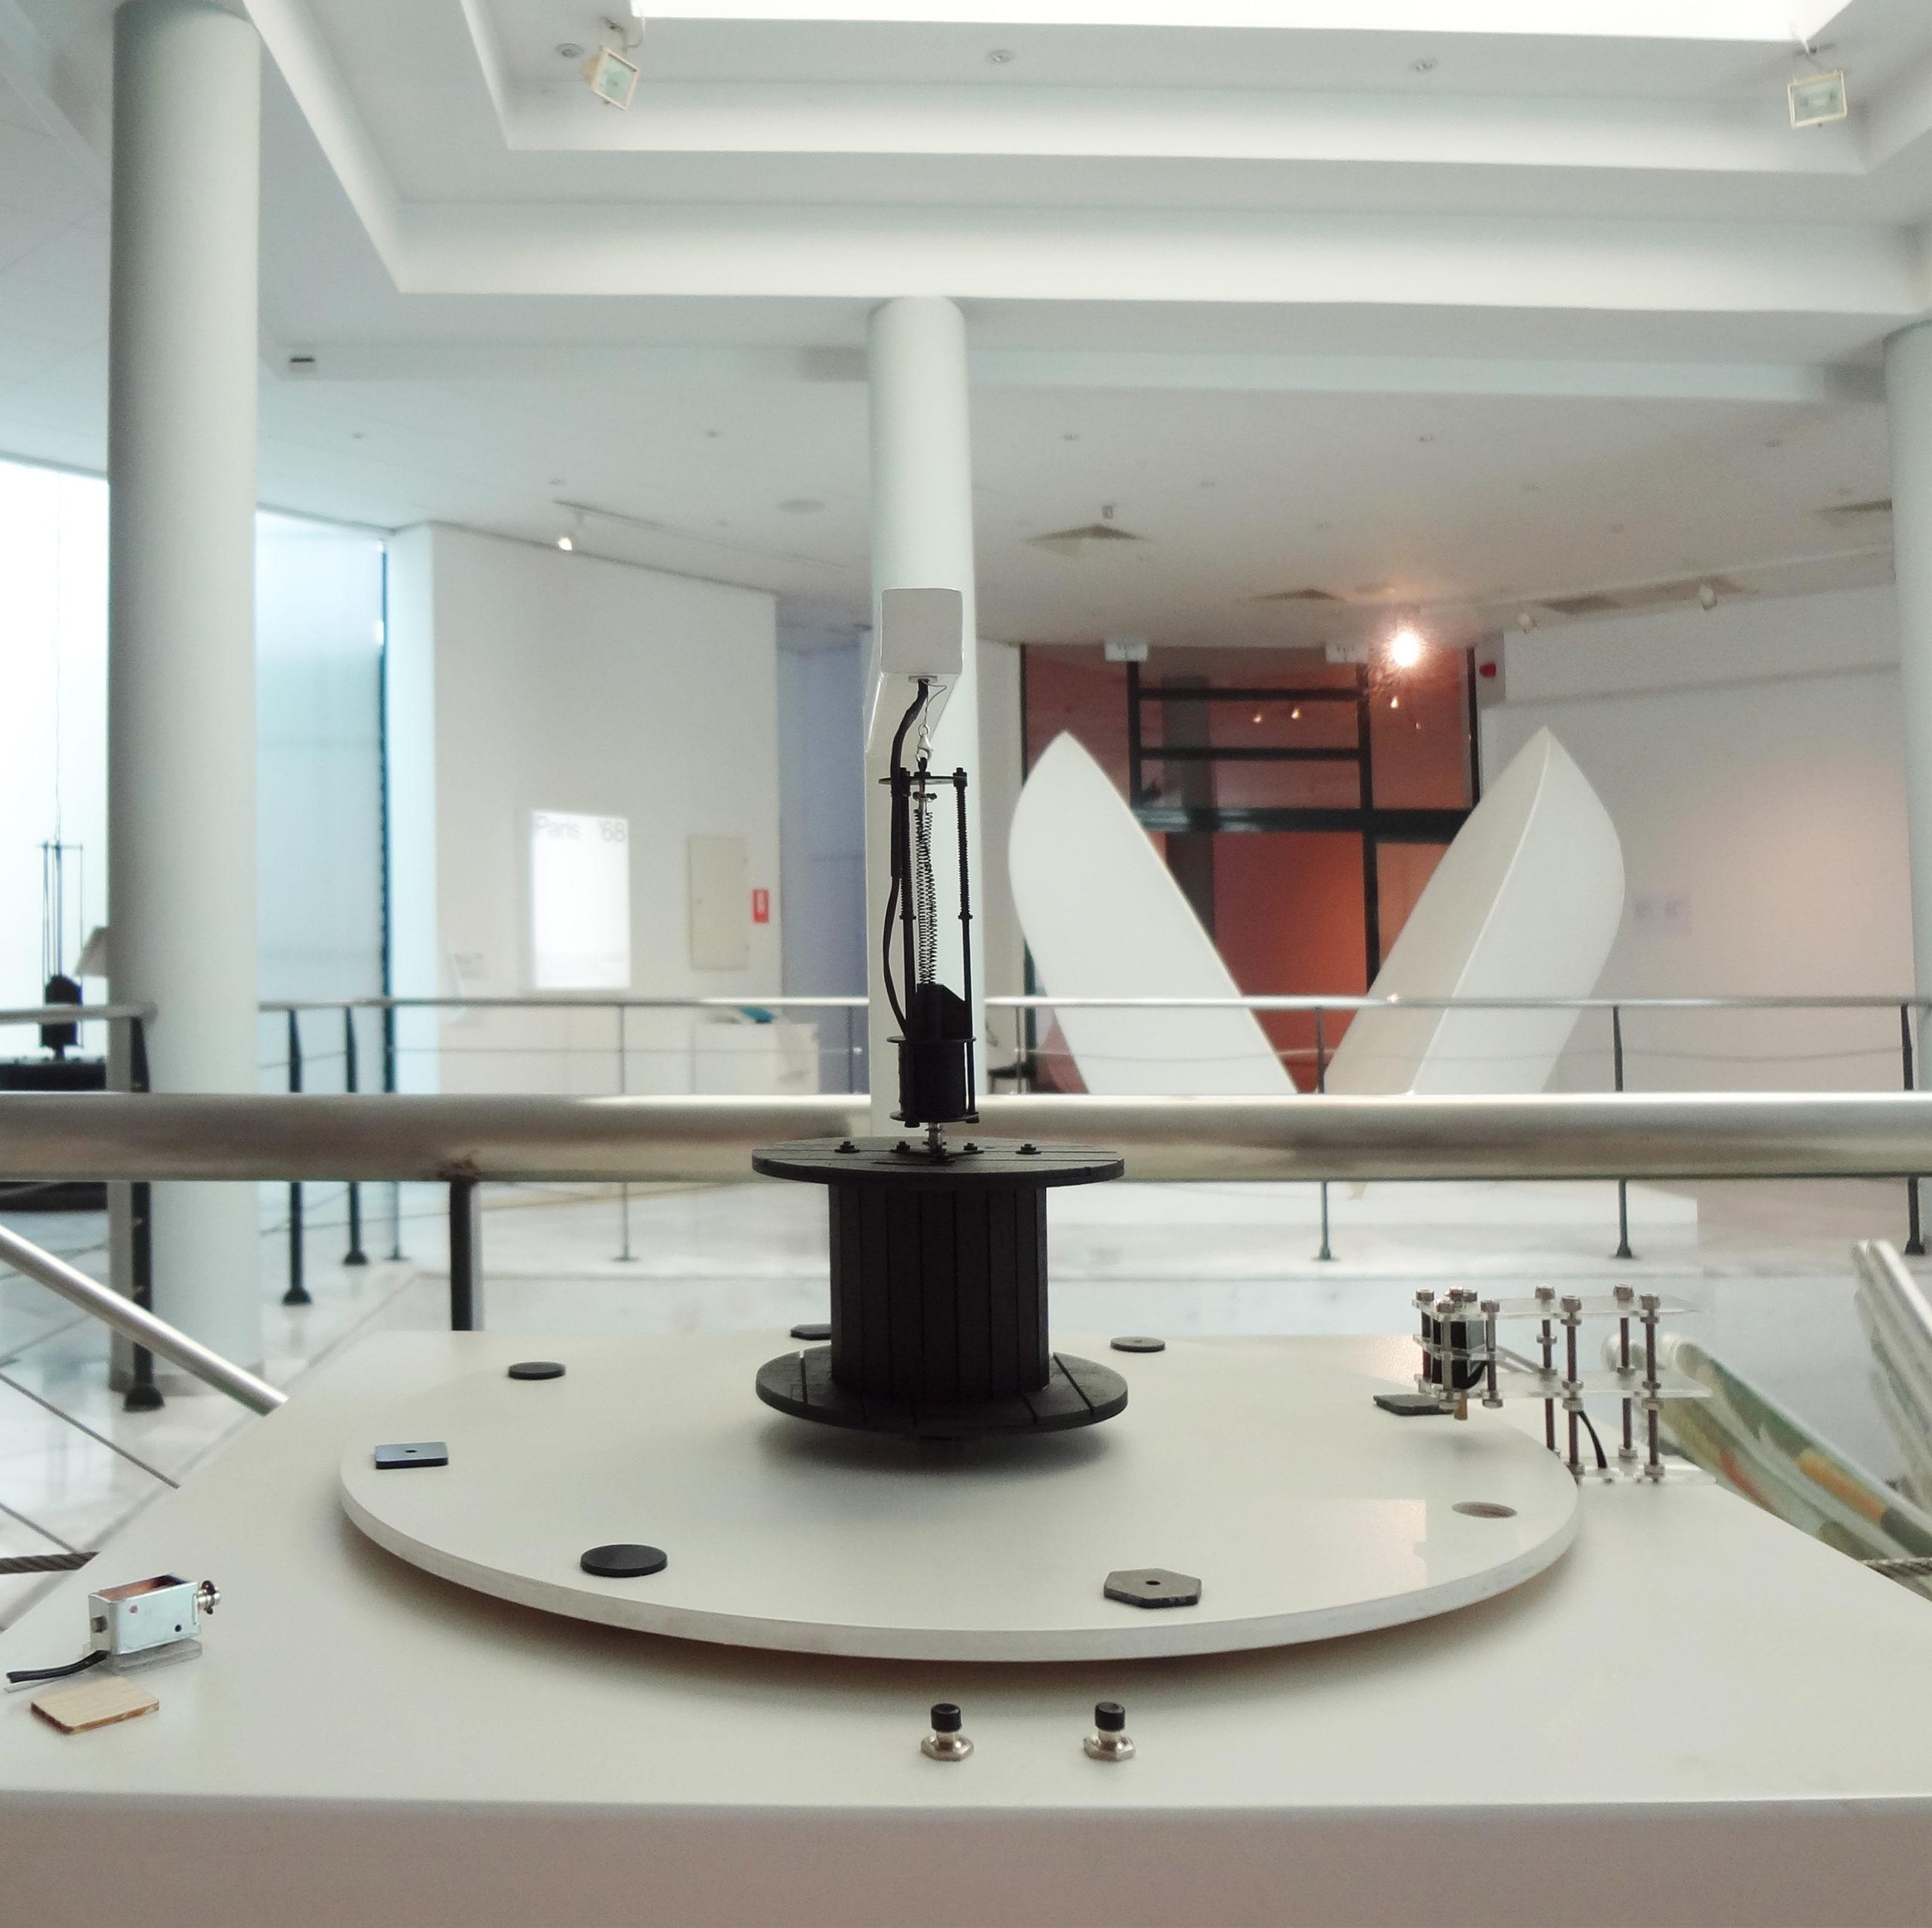 Στην εικόνα εμφανίζεται η άνω επιφάνεια του δεύτερου διαδραστικού κουτιού για την προσέγγιση του έργου Ηχητικό του καλλιτέχνη Τάκις. Στο κέντρο του περιστρεφόμενου ξύλινου δίσκου, βρίσκεται το απτικό βοήθημα του έργου. Αυτό περιλαμβάνει τη μικρογραφία ενός μαύρου, ξύλινου καρουλιού σε κλίμακα 1:10 πάνω από το οποίο κρέμεται ένας μαύρος ηλεκτρομαγνήτης με ελατήρια.